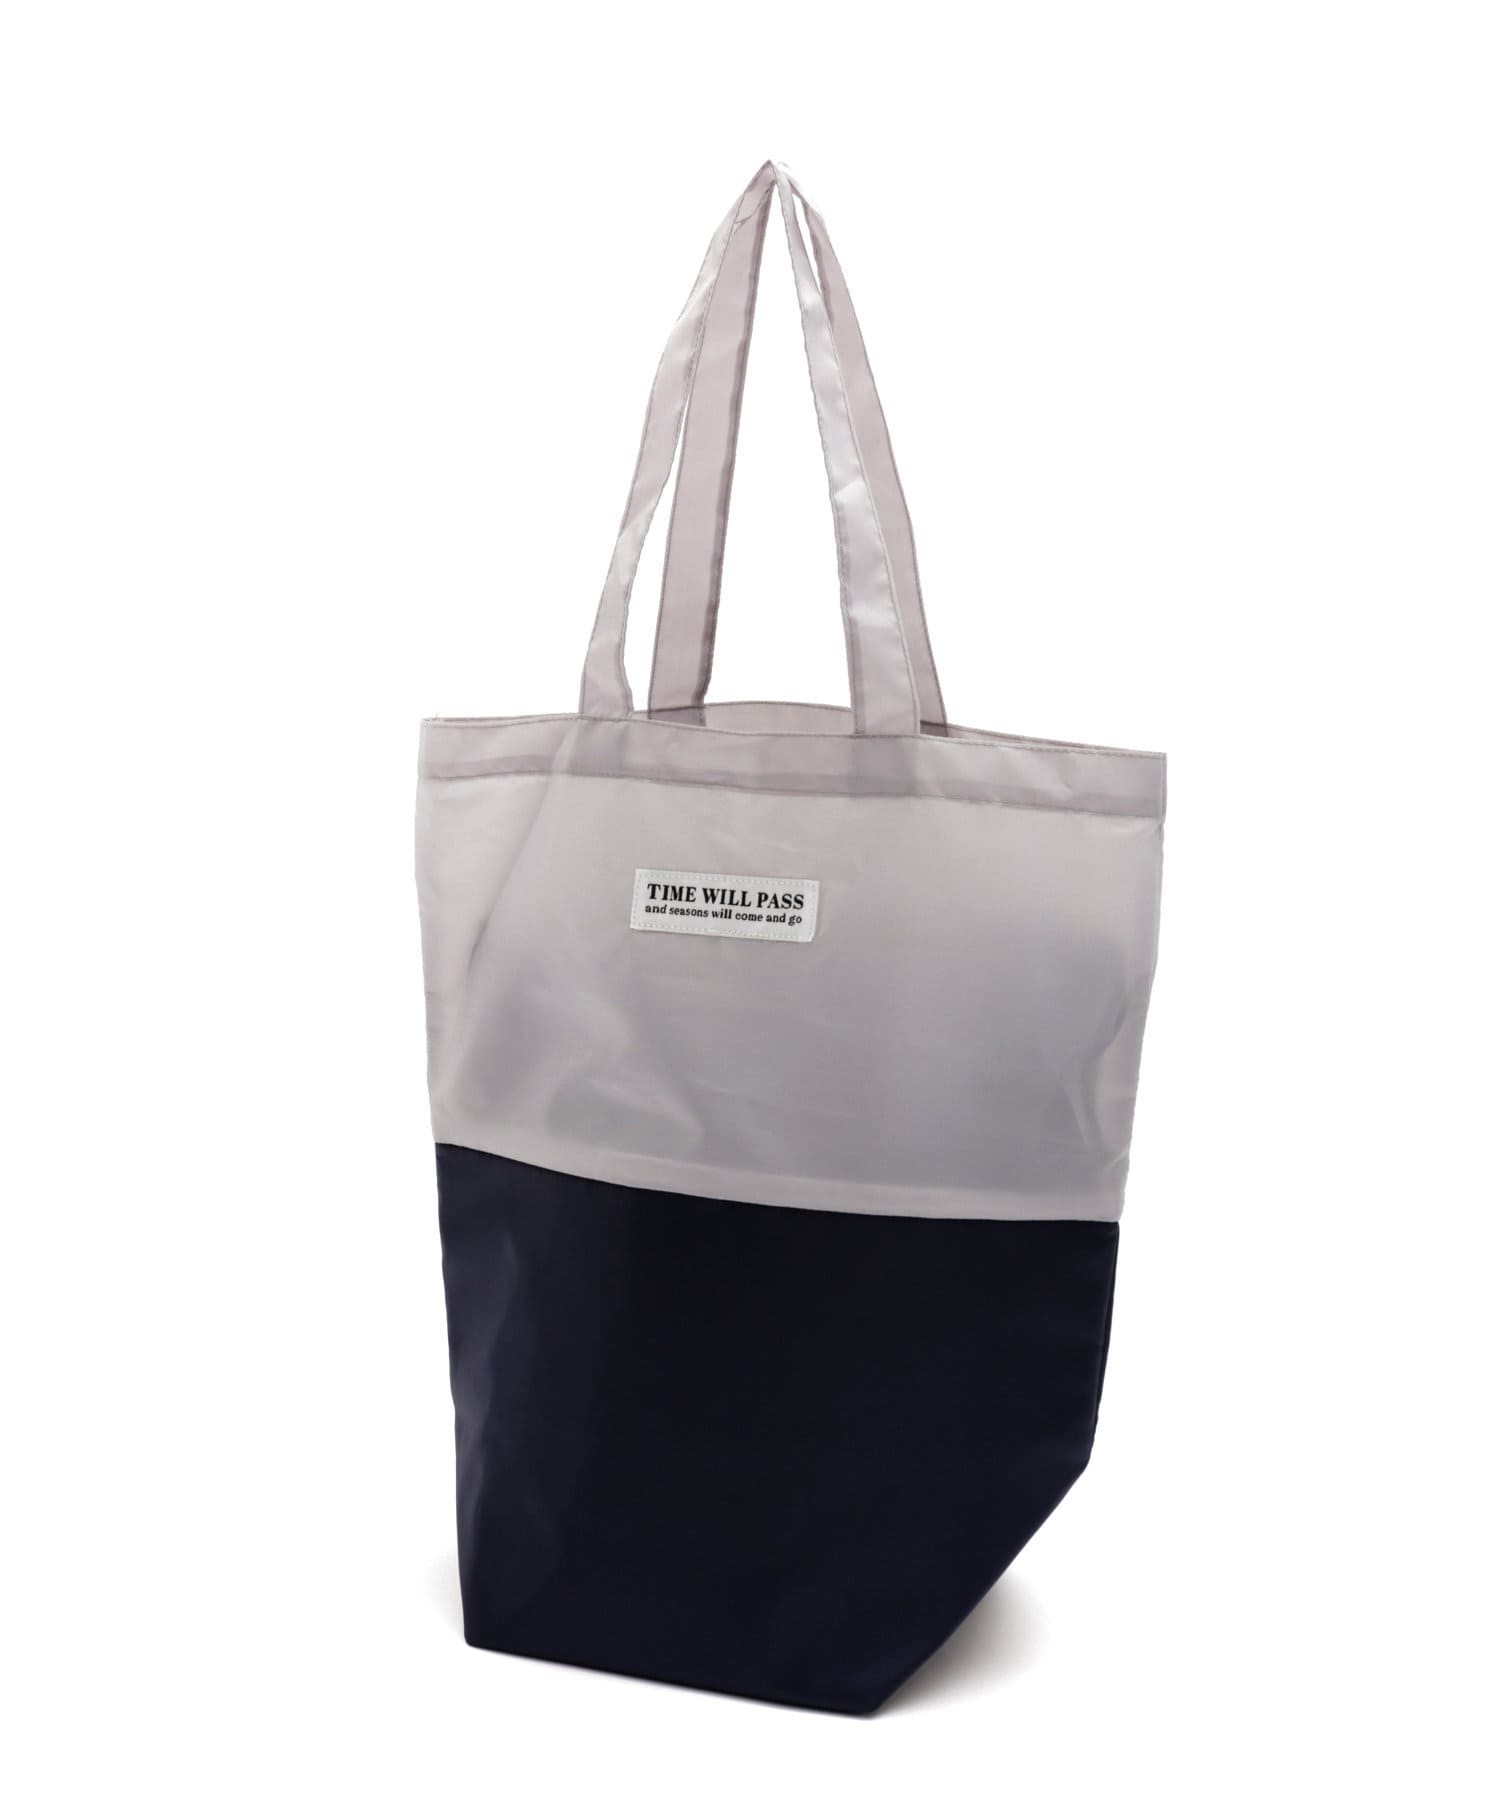 3COINS(スリーコインズ) ライフスタイル 【目的に合わせて機能いろいろ】2段バッグ:底アルミ付き グレー